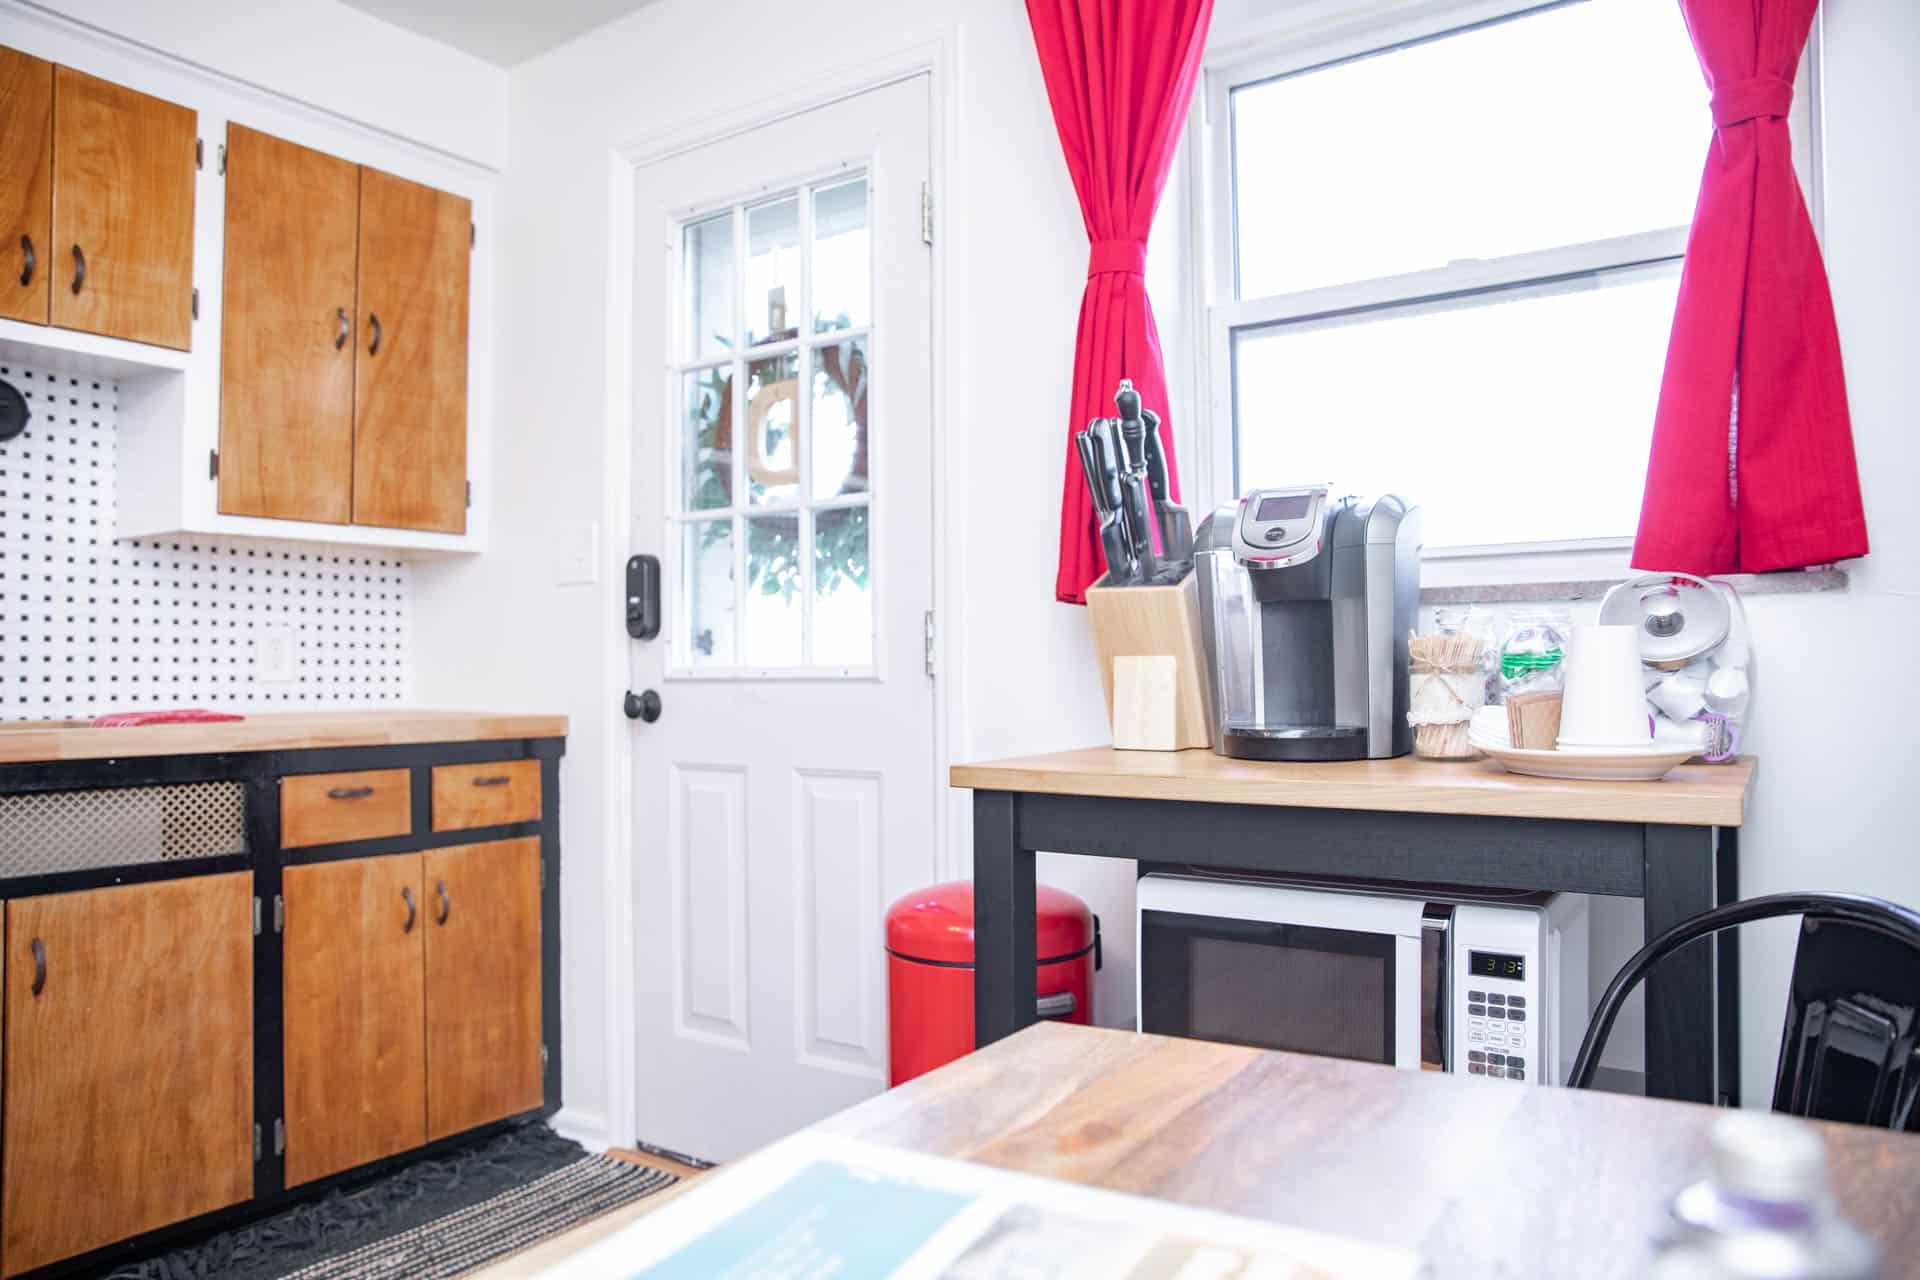 Airbnb_Kitchen_Upgrade